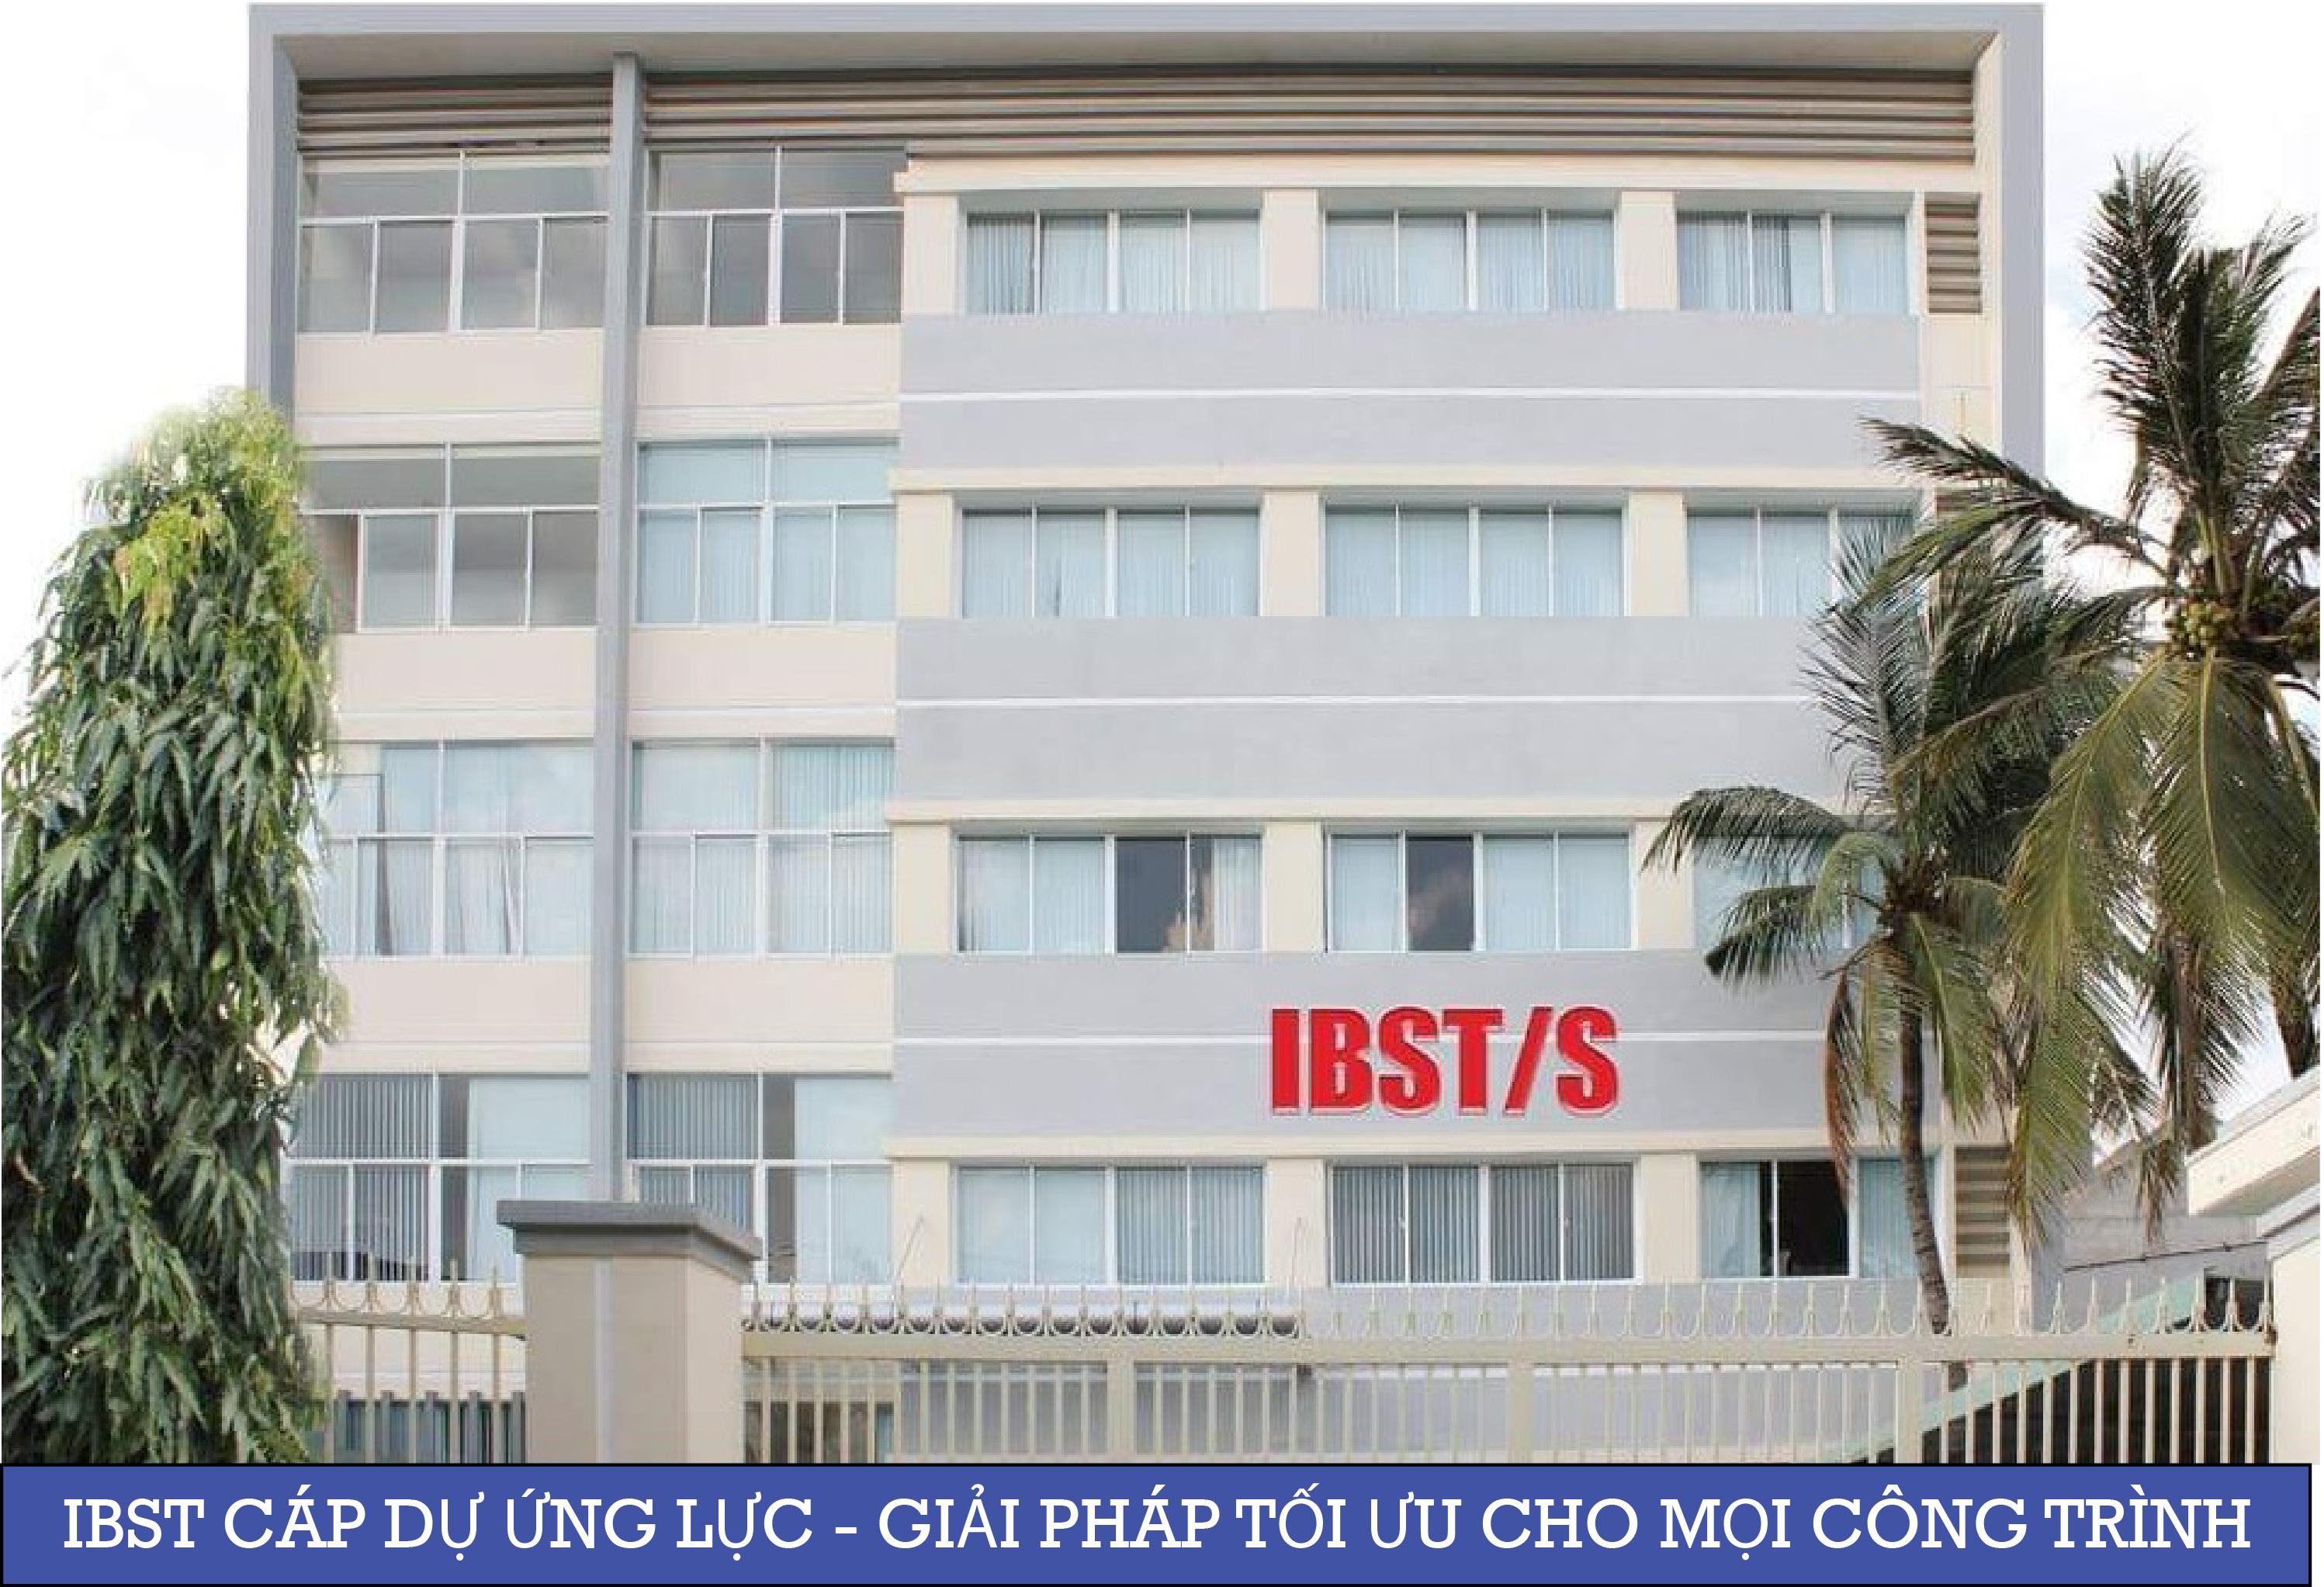 Nhà thầu cáp dự ứng lực IBST